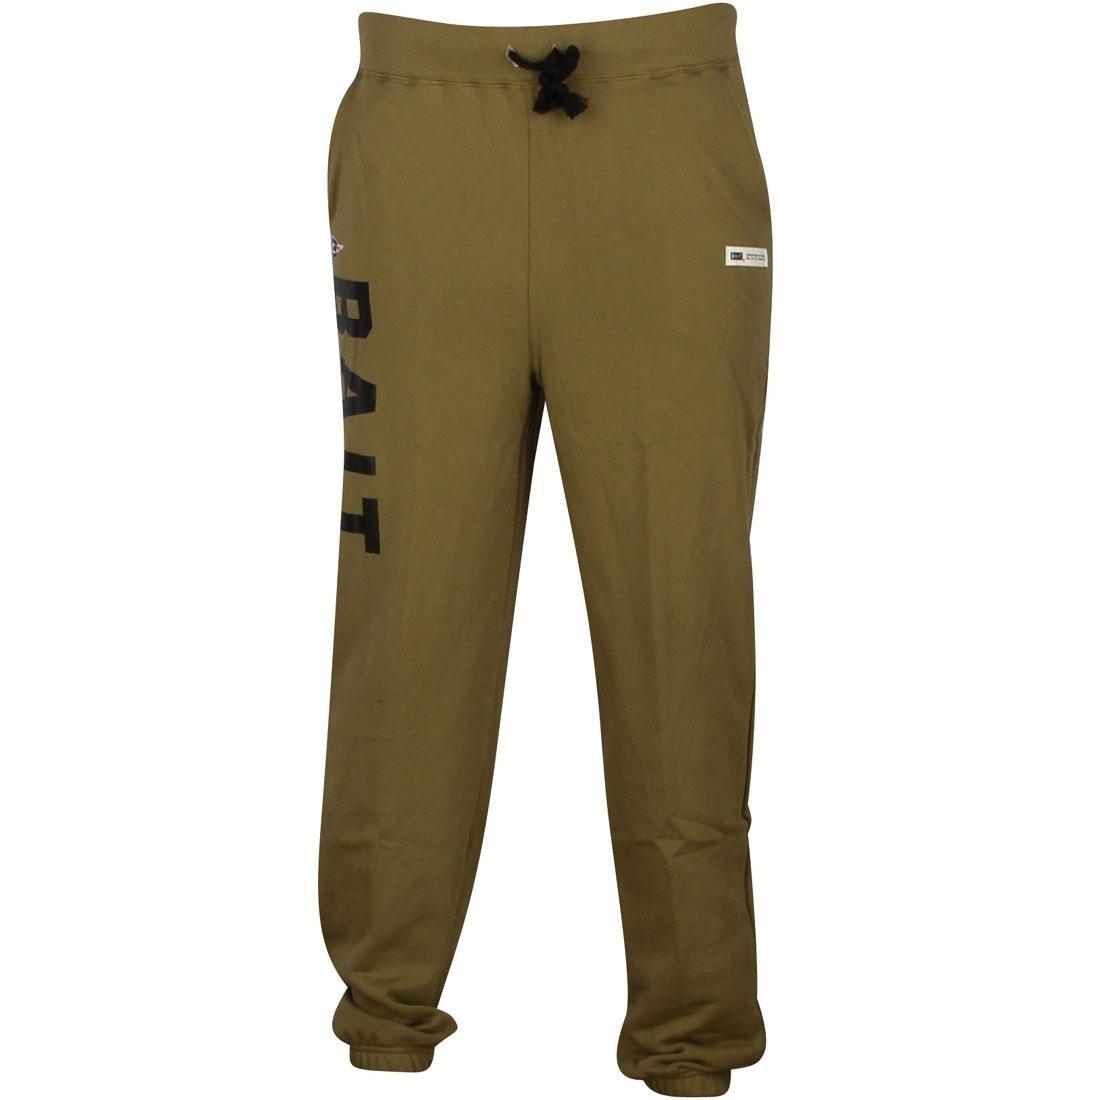 ベイト BAIT オリーブ 【 OLIVE BAIT BASICS SWEATPANTS 】 メンズファッション ズボン パンツ